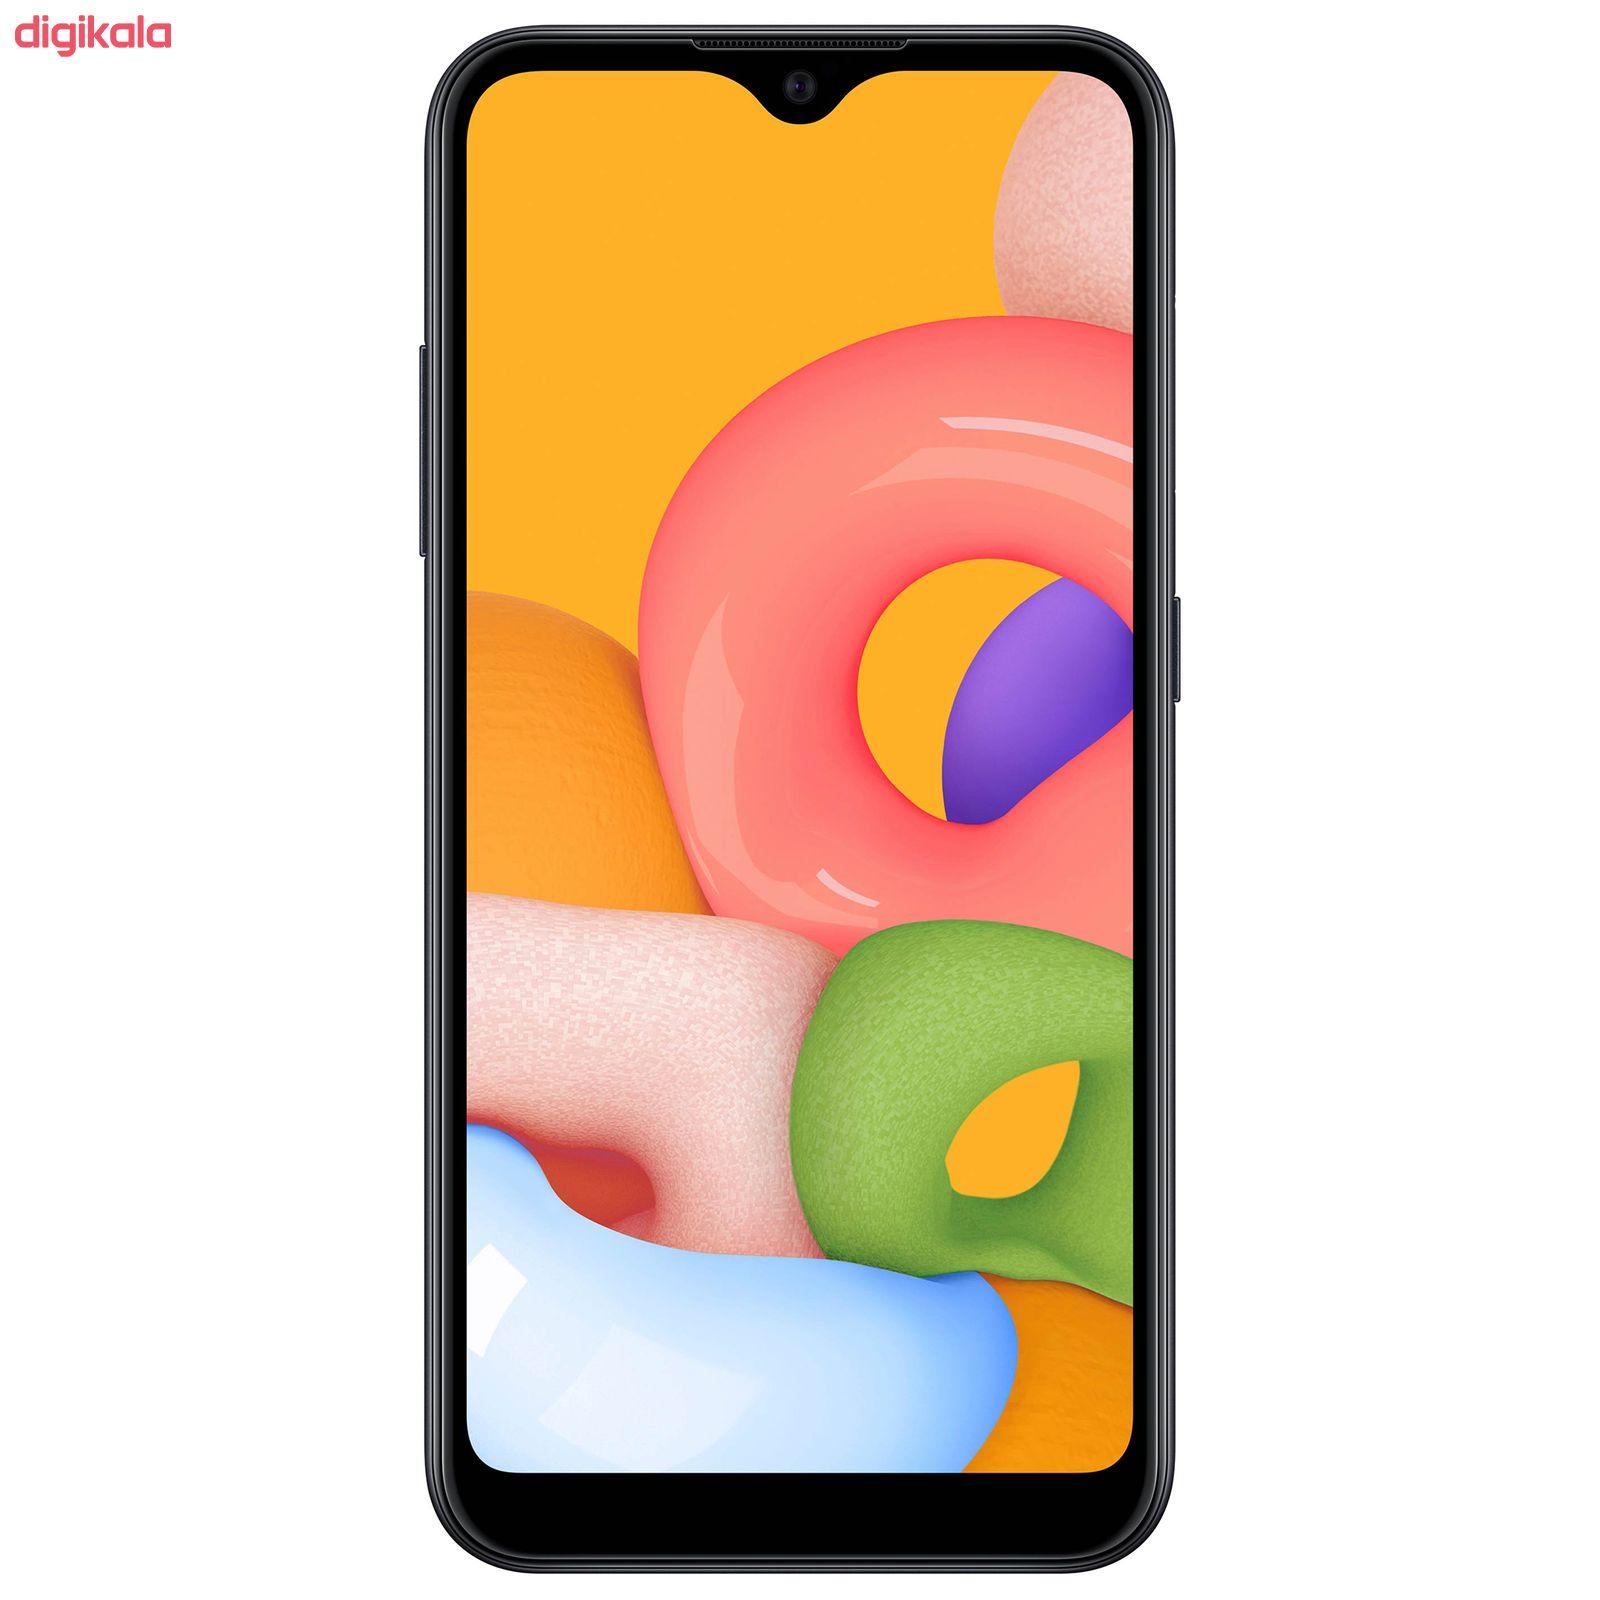 گوشی موبایل سامسونگ مدل Galaxy A01 SM-A015F/DS دو سیم کارت ظرفیت 16 گیگابایت main 1 17